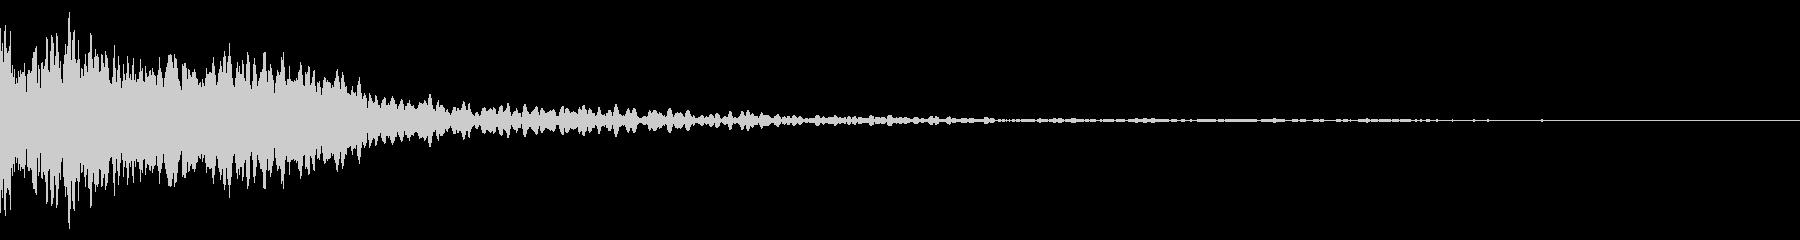 ホラー系アタック音73の未再生の波形